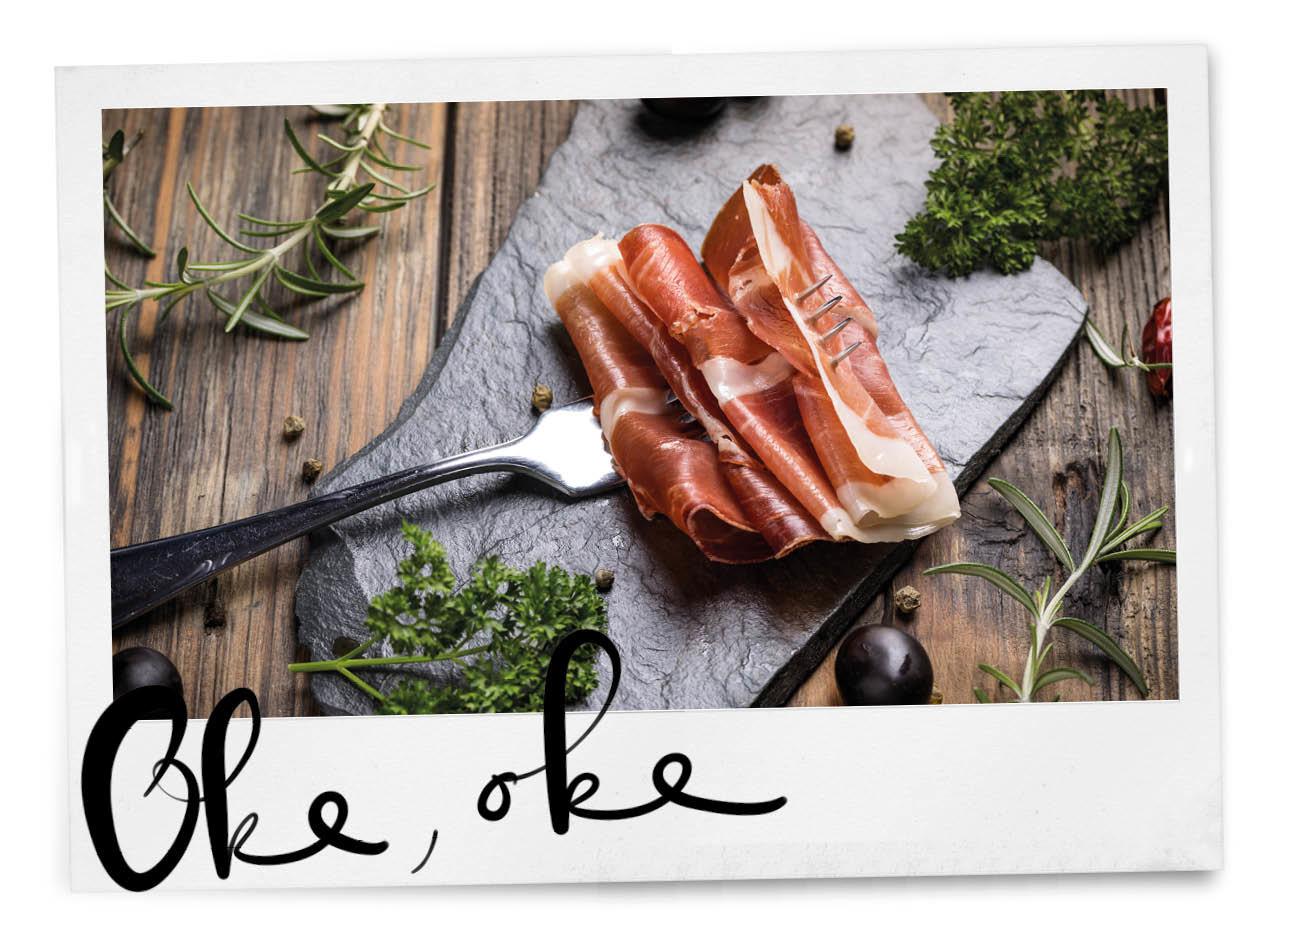 charcuterie op een snijplank met een vork en verse kruiden er omheen, iberico ham of serano ham